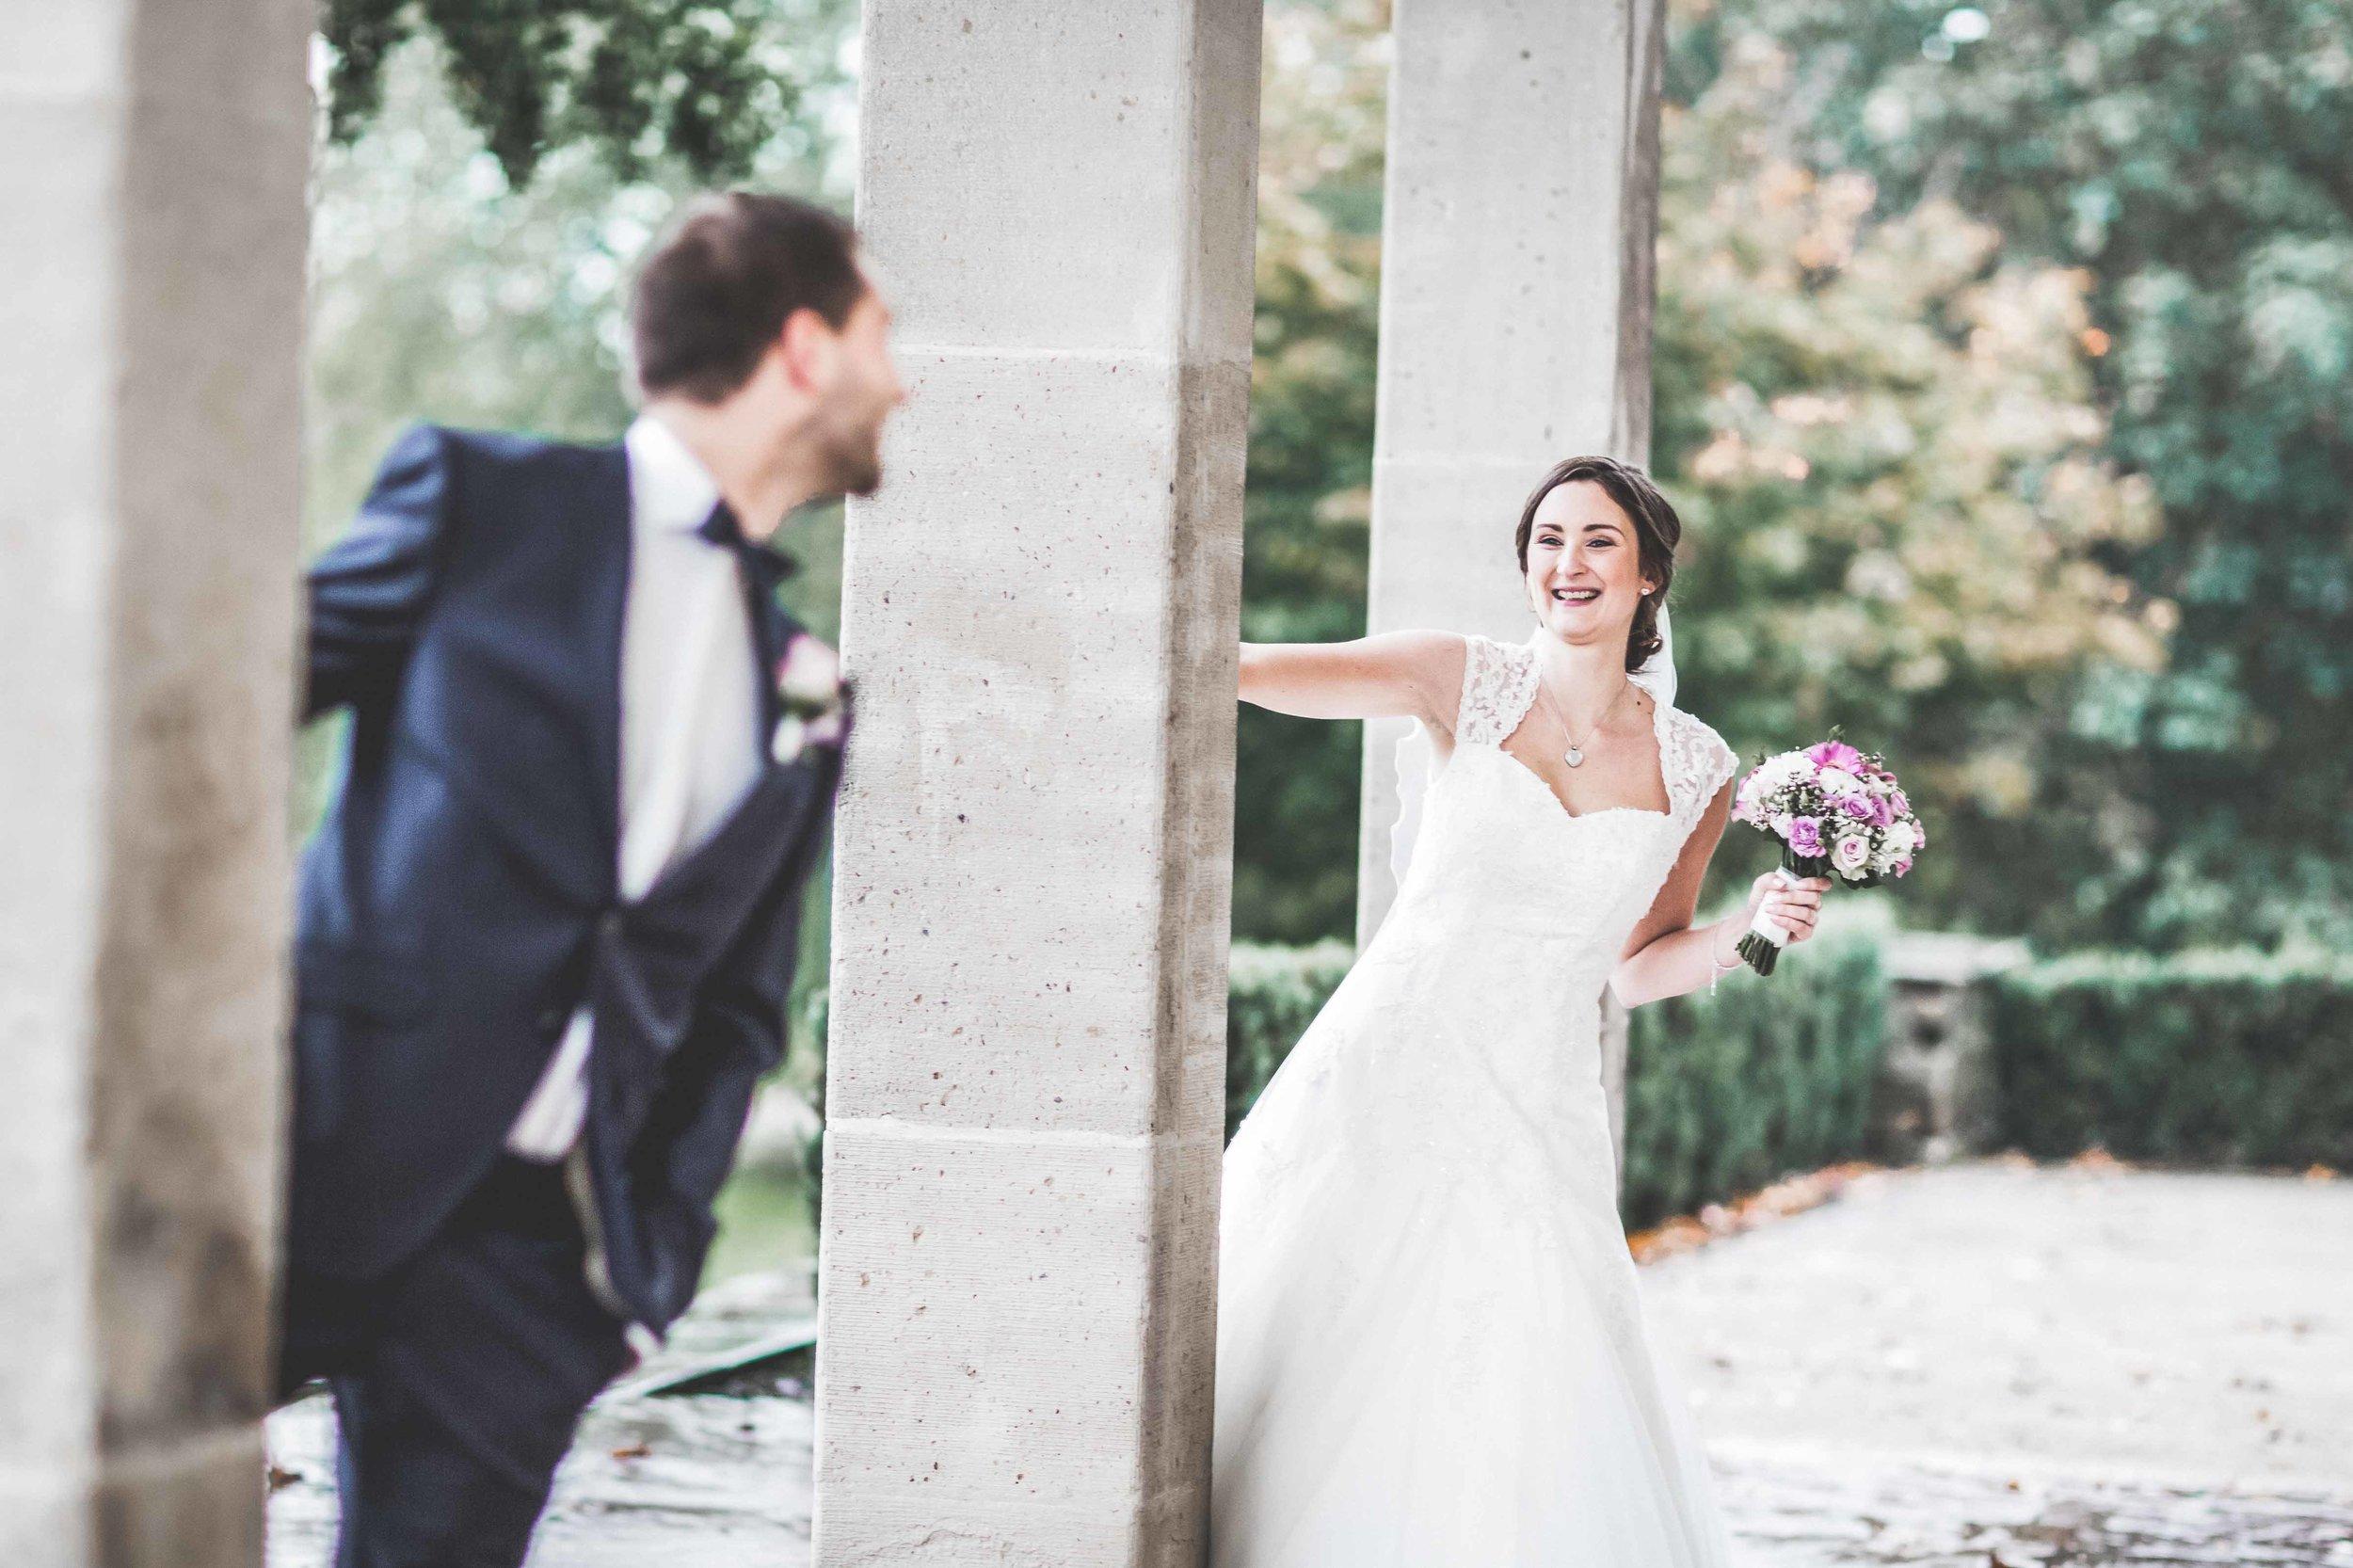 Hochzeit - Tatjana & Tobias - web-29.jpg